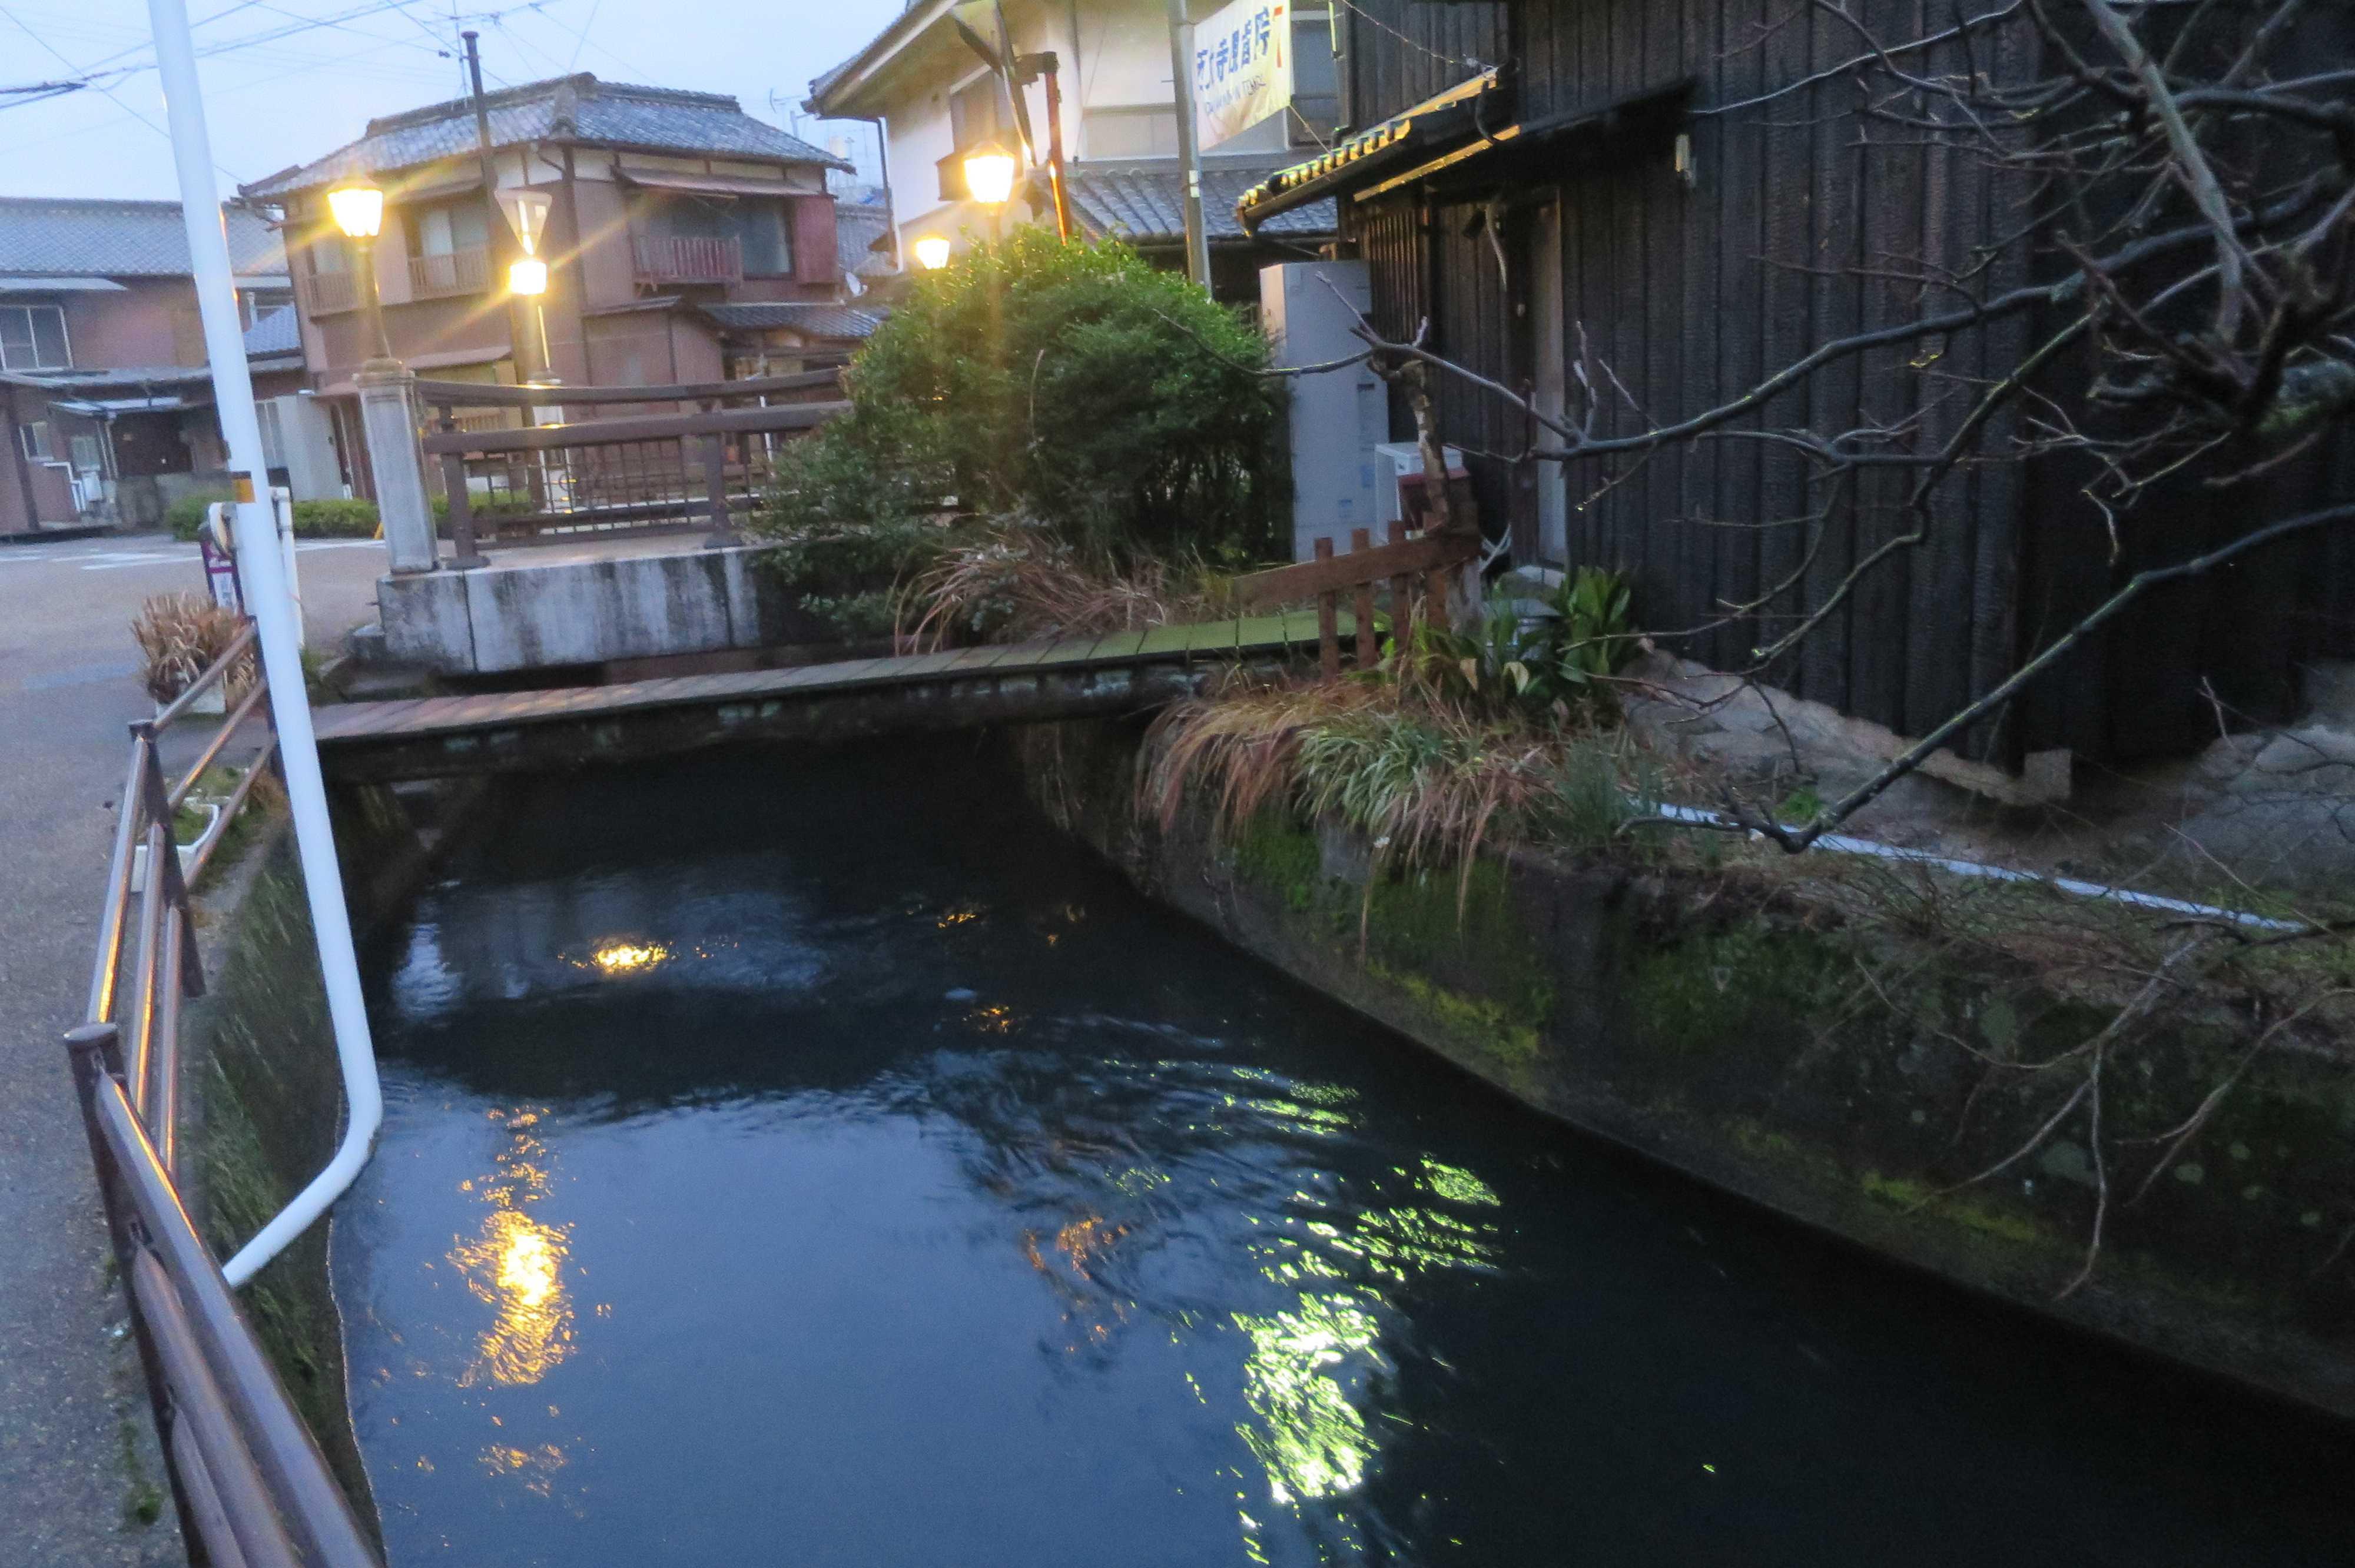 西大寺 - 輝く水路(西川)